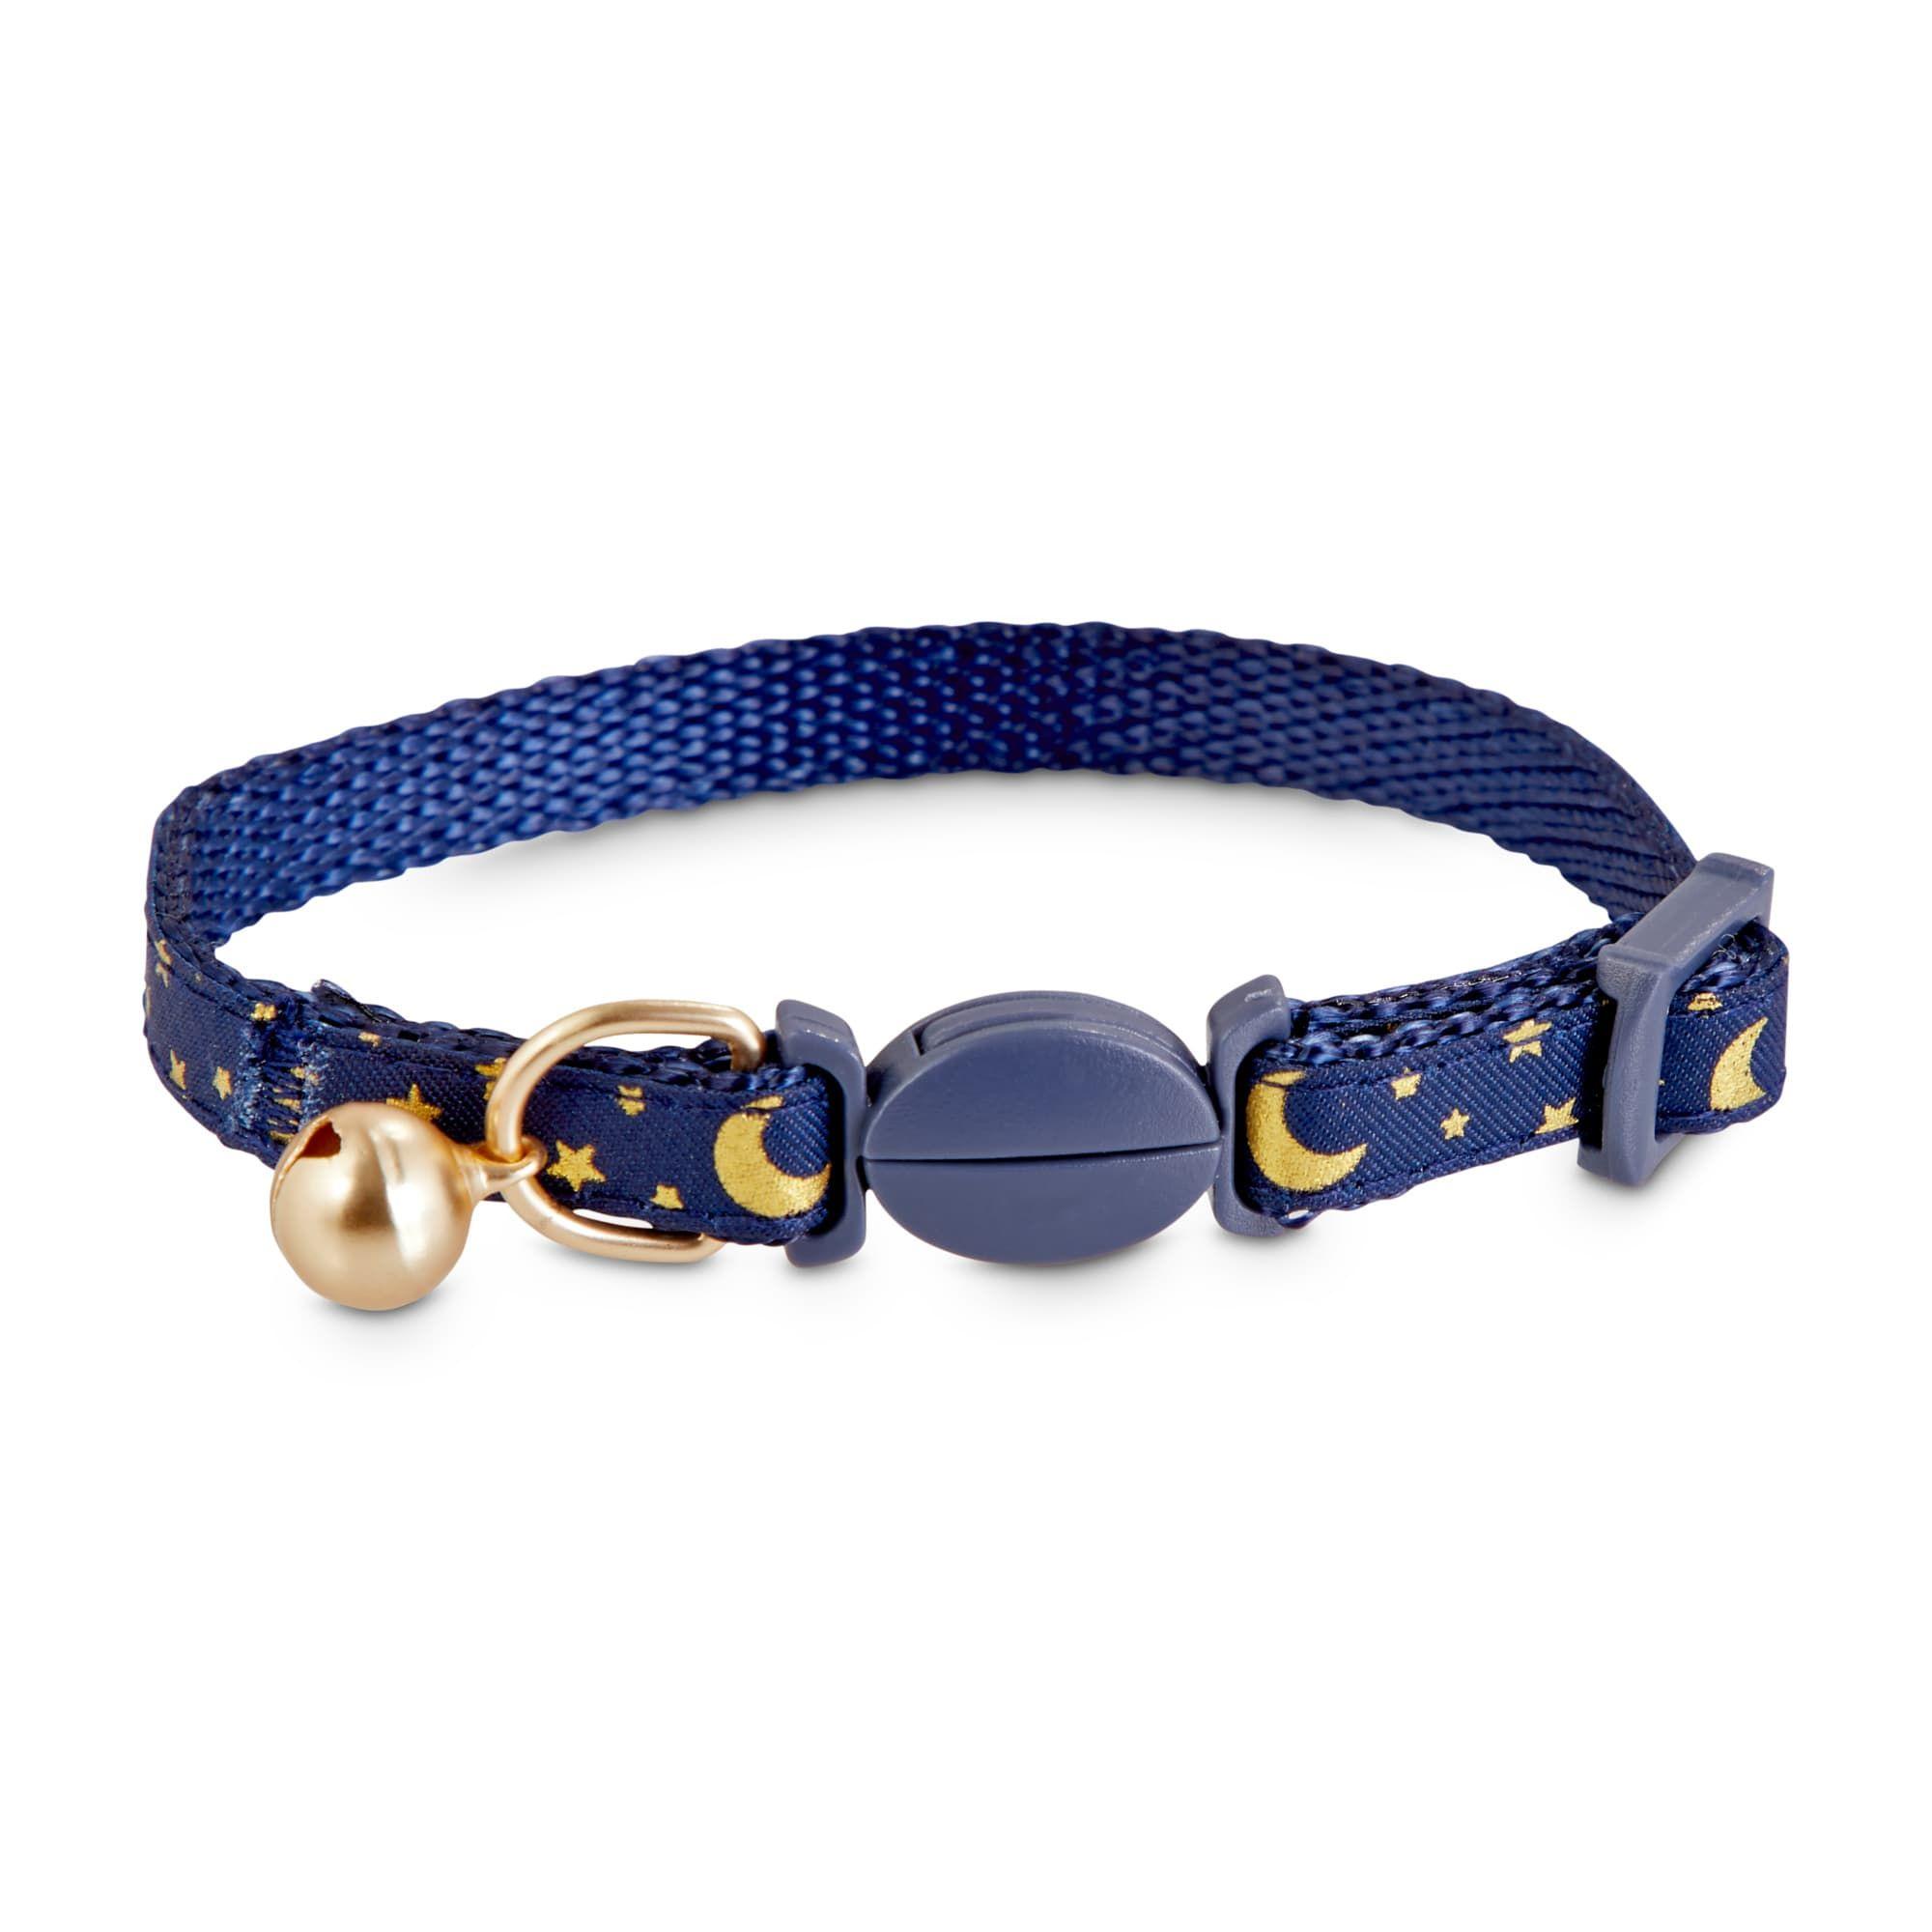 Bond Co Moon Star Breakaway Kitten Collar Petco In 2020 Kitten Collars Kitten Accessories Cat Accessories